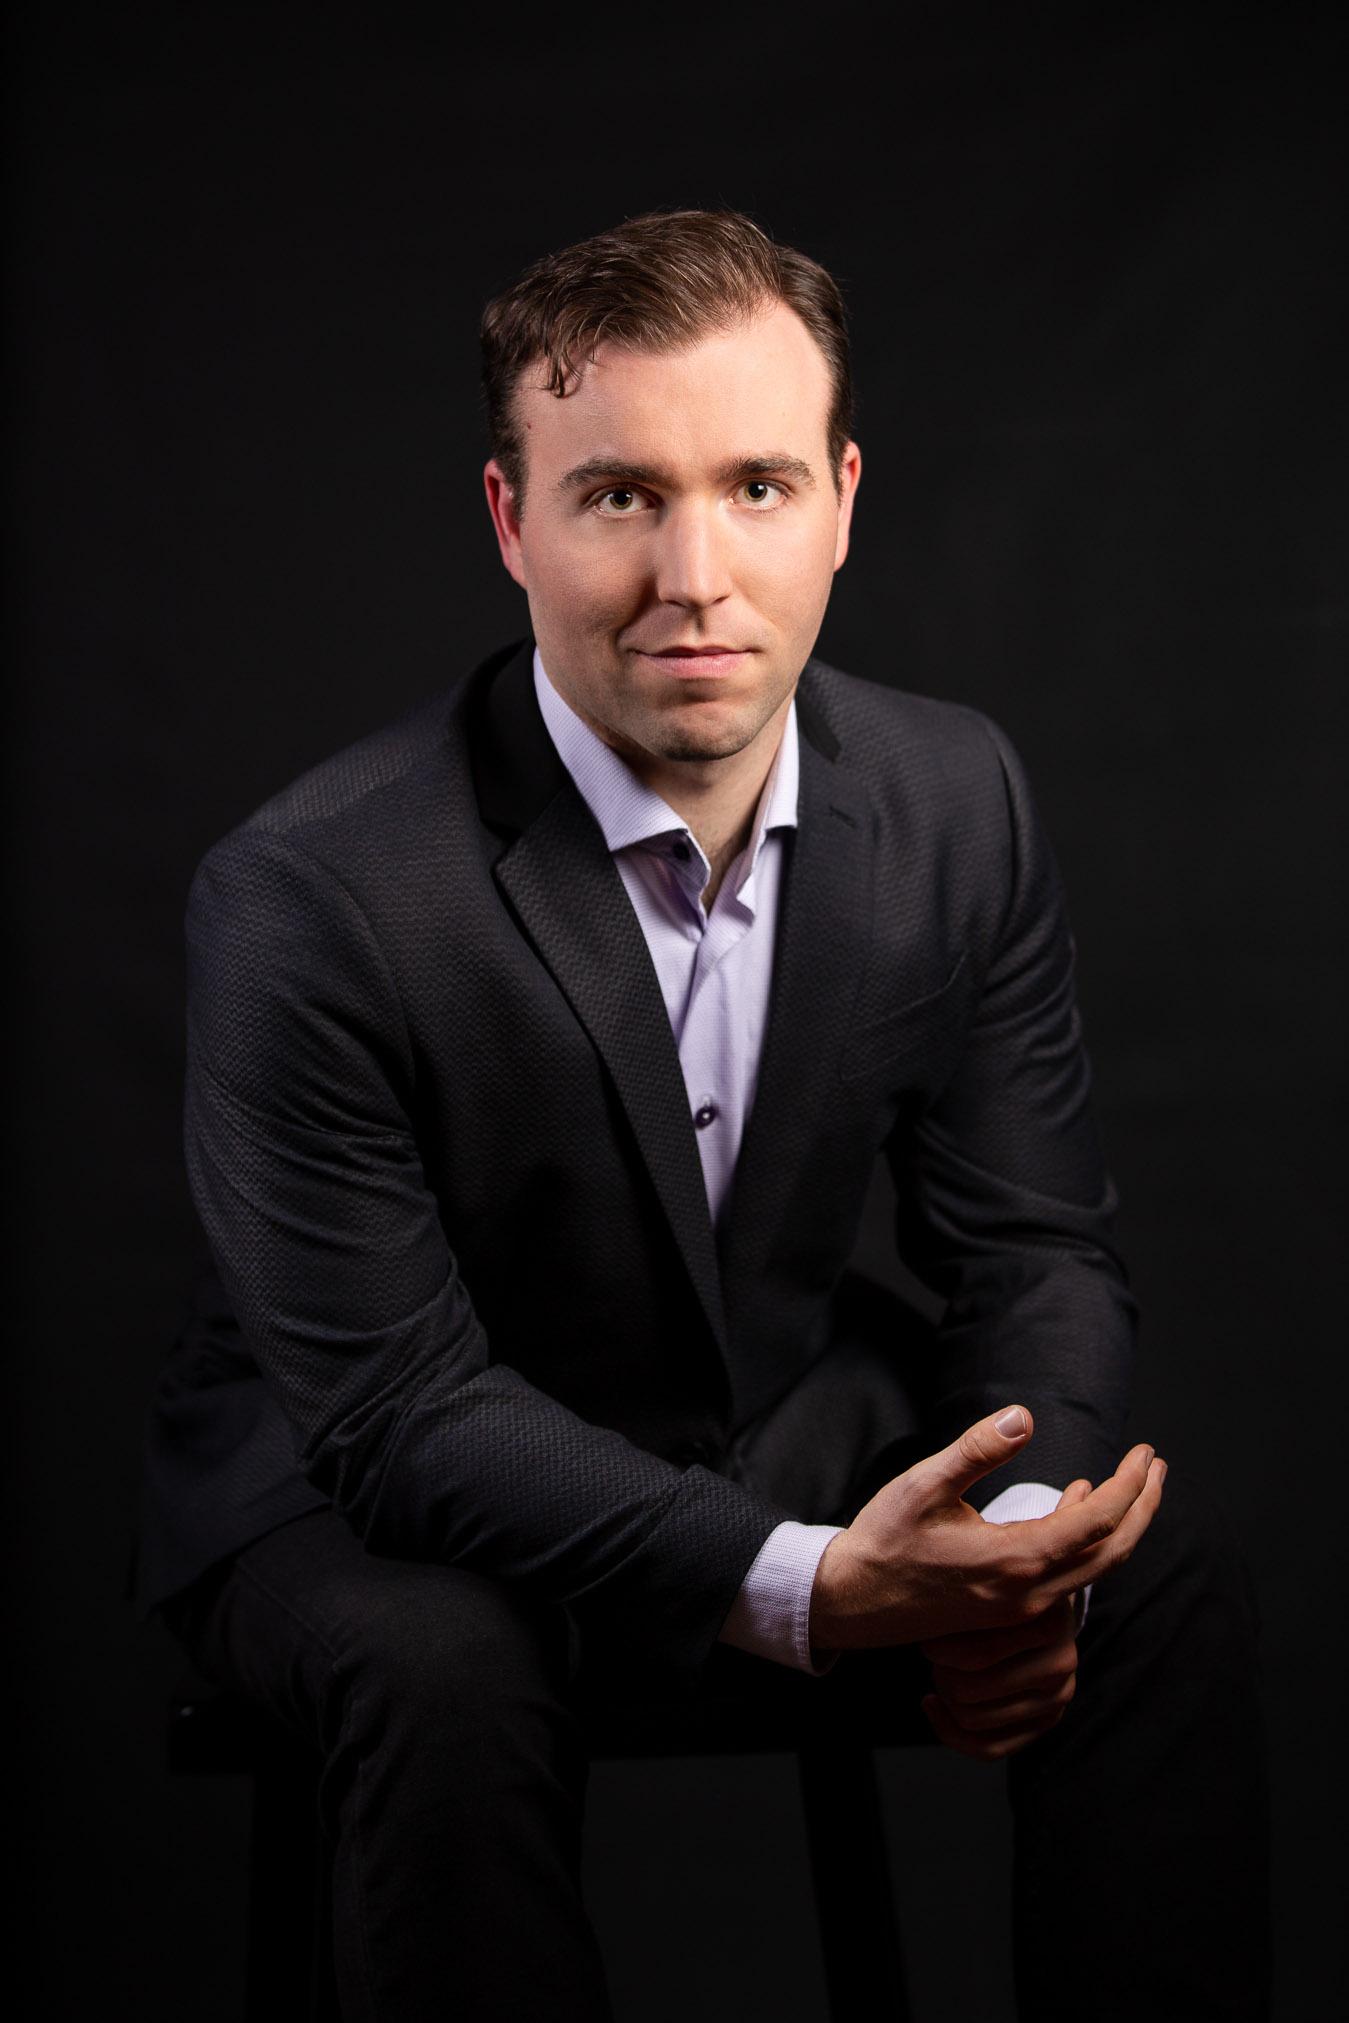 ThomasCauley-actor-headshot.jpg